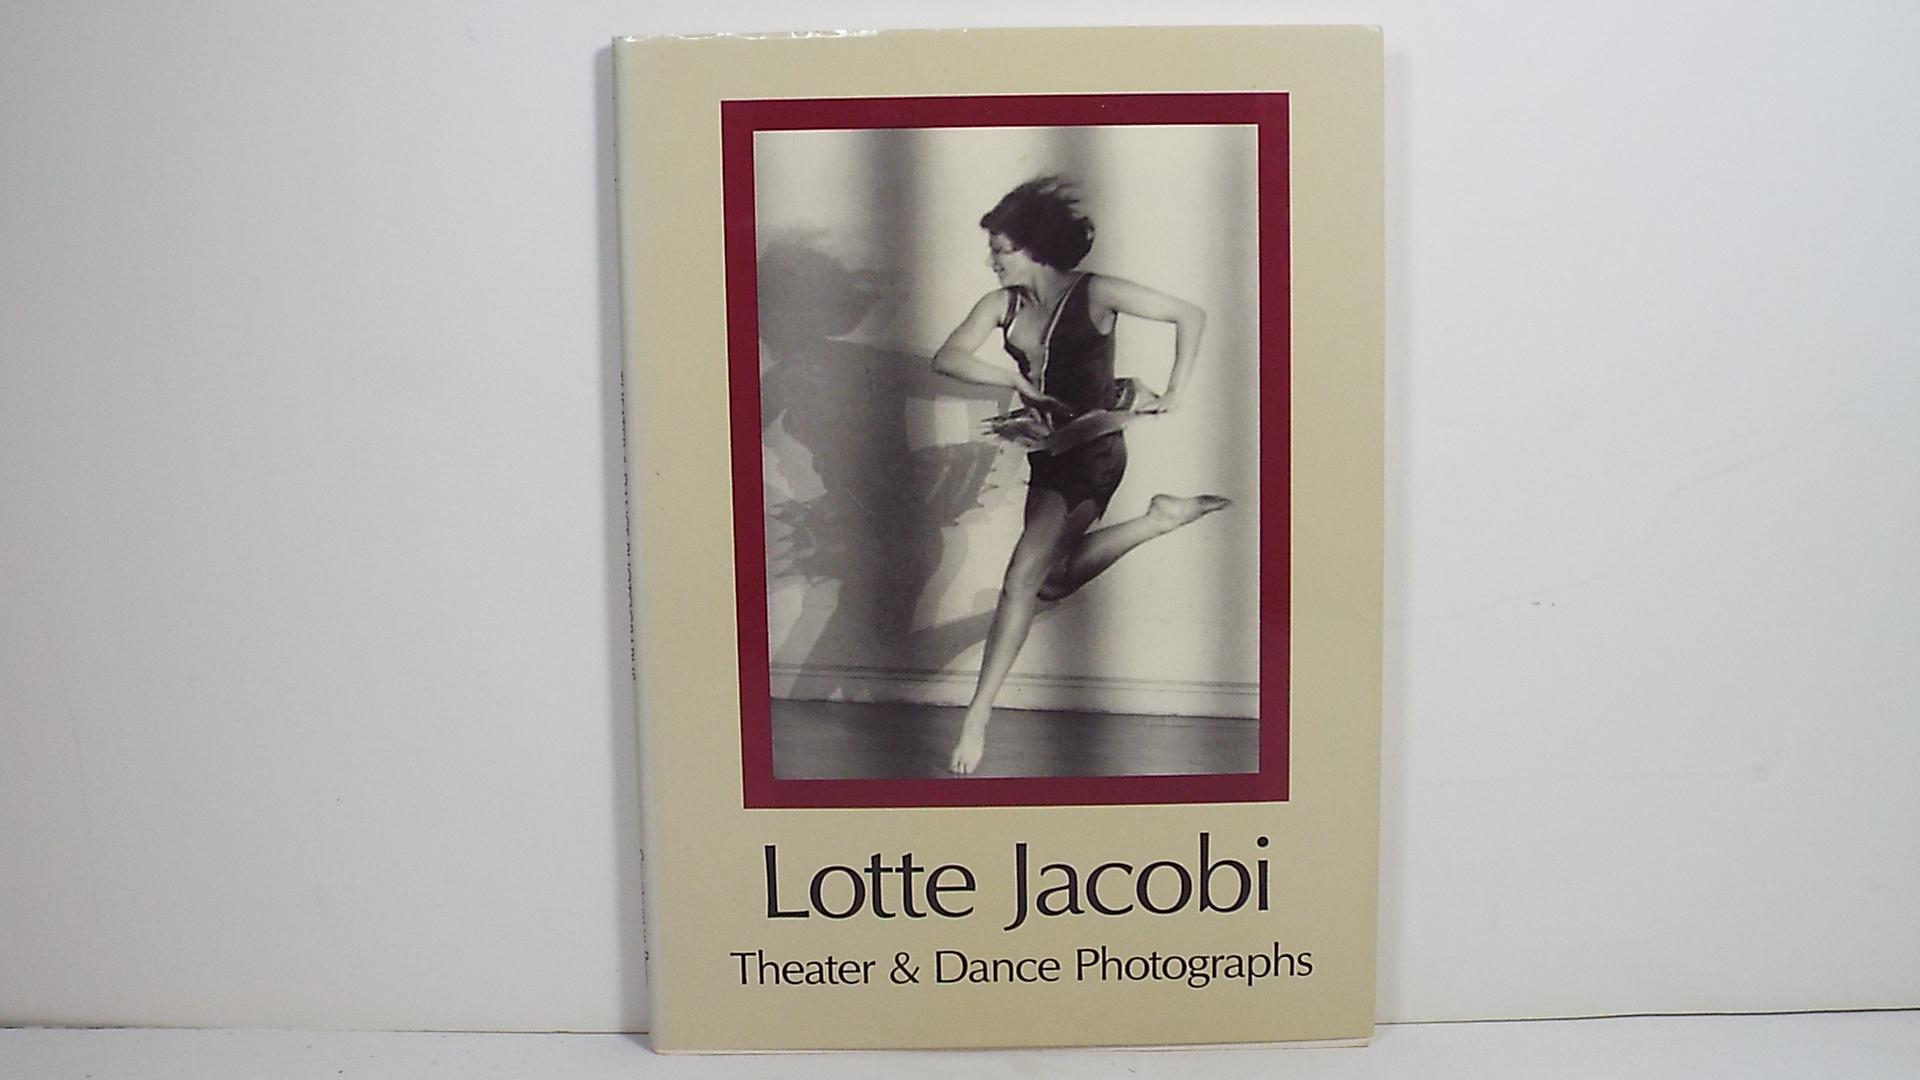 Lotte Jacobi: Theater & Dance Photographs - Lotte Jacobi